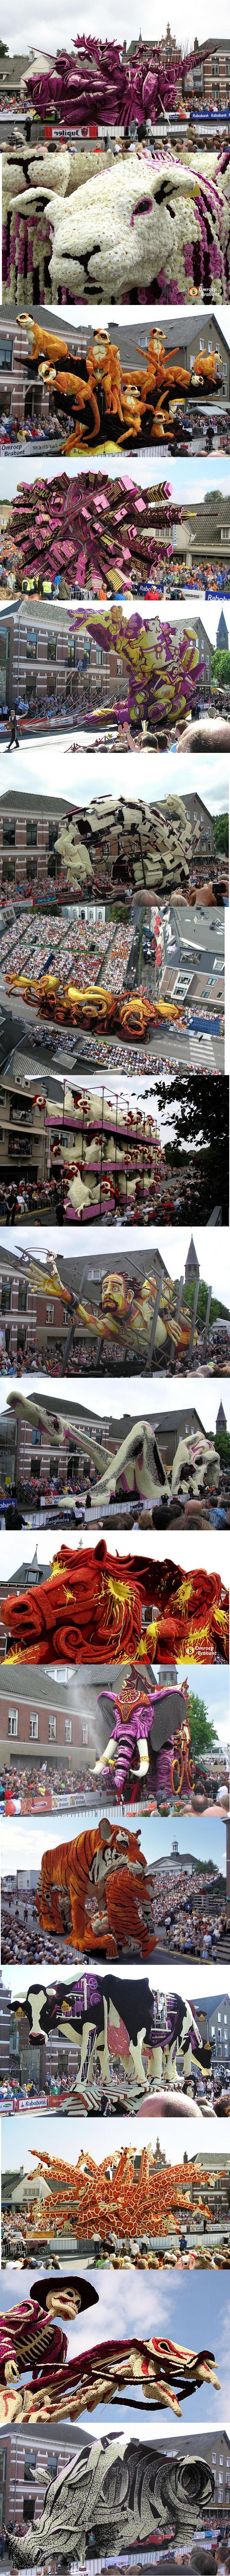 Flower Sculpture festival-Description. Huge Flower Sculpture Festival in the Netherlands.. Flower Sculpture festival-Description Huge Festival in the Netherlands